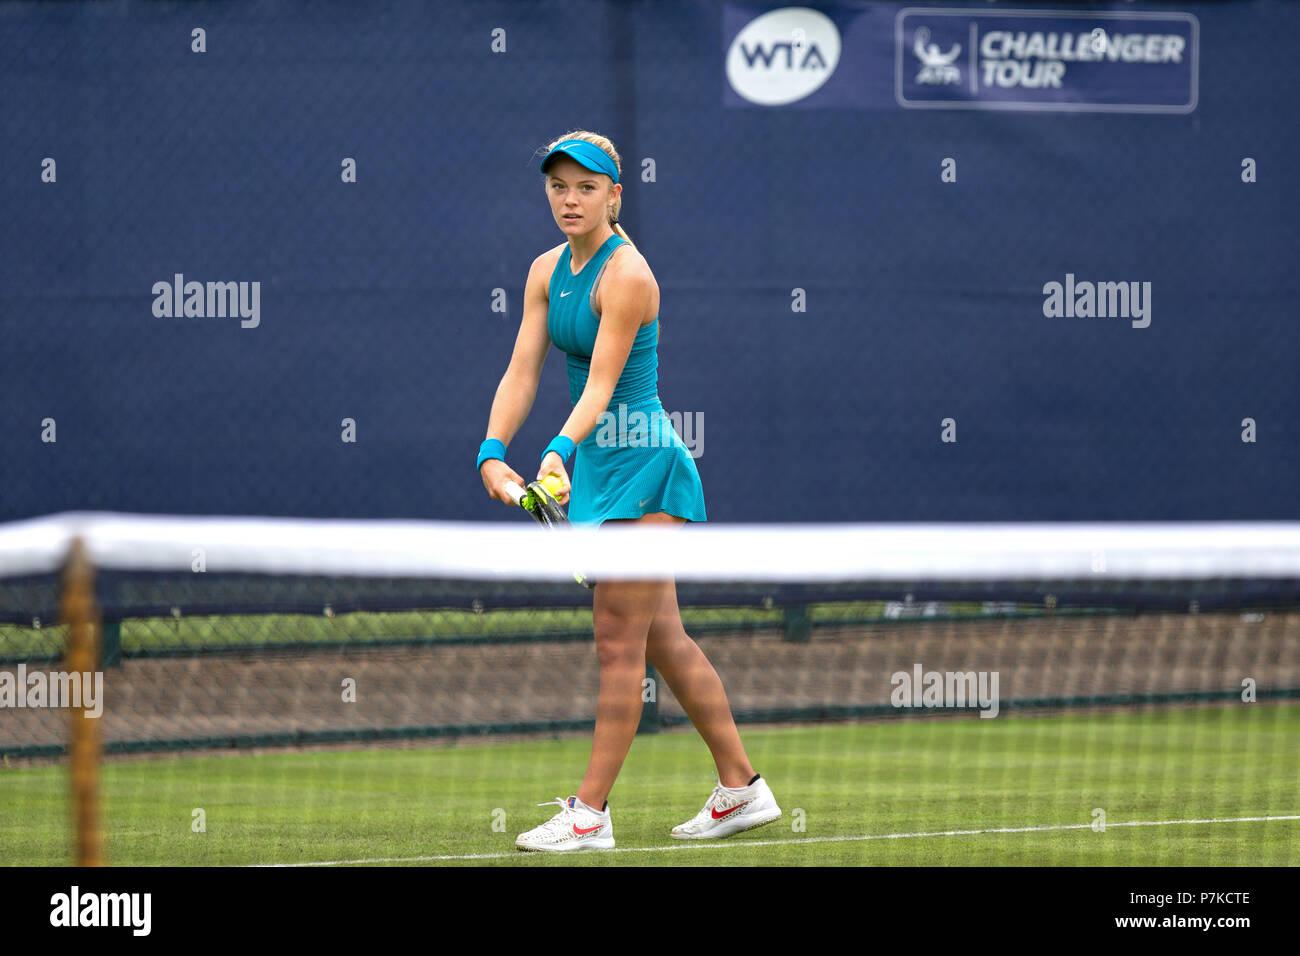 Jugador de tenis británico Katie Swan se prepara para servir durante un partido. Foto de stock